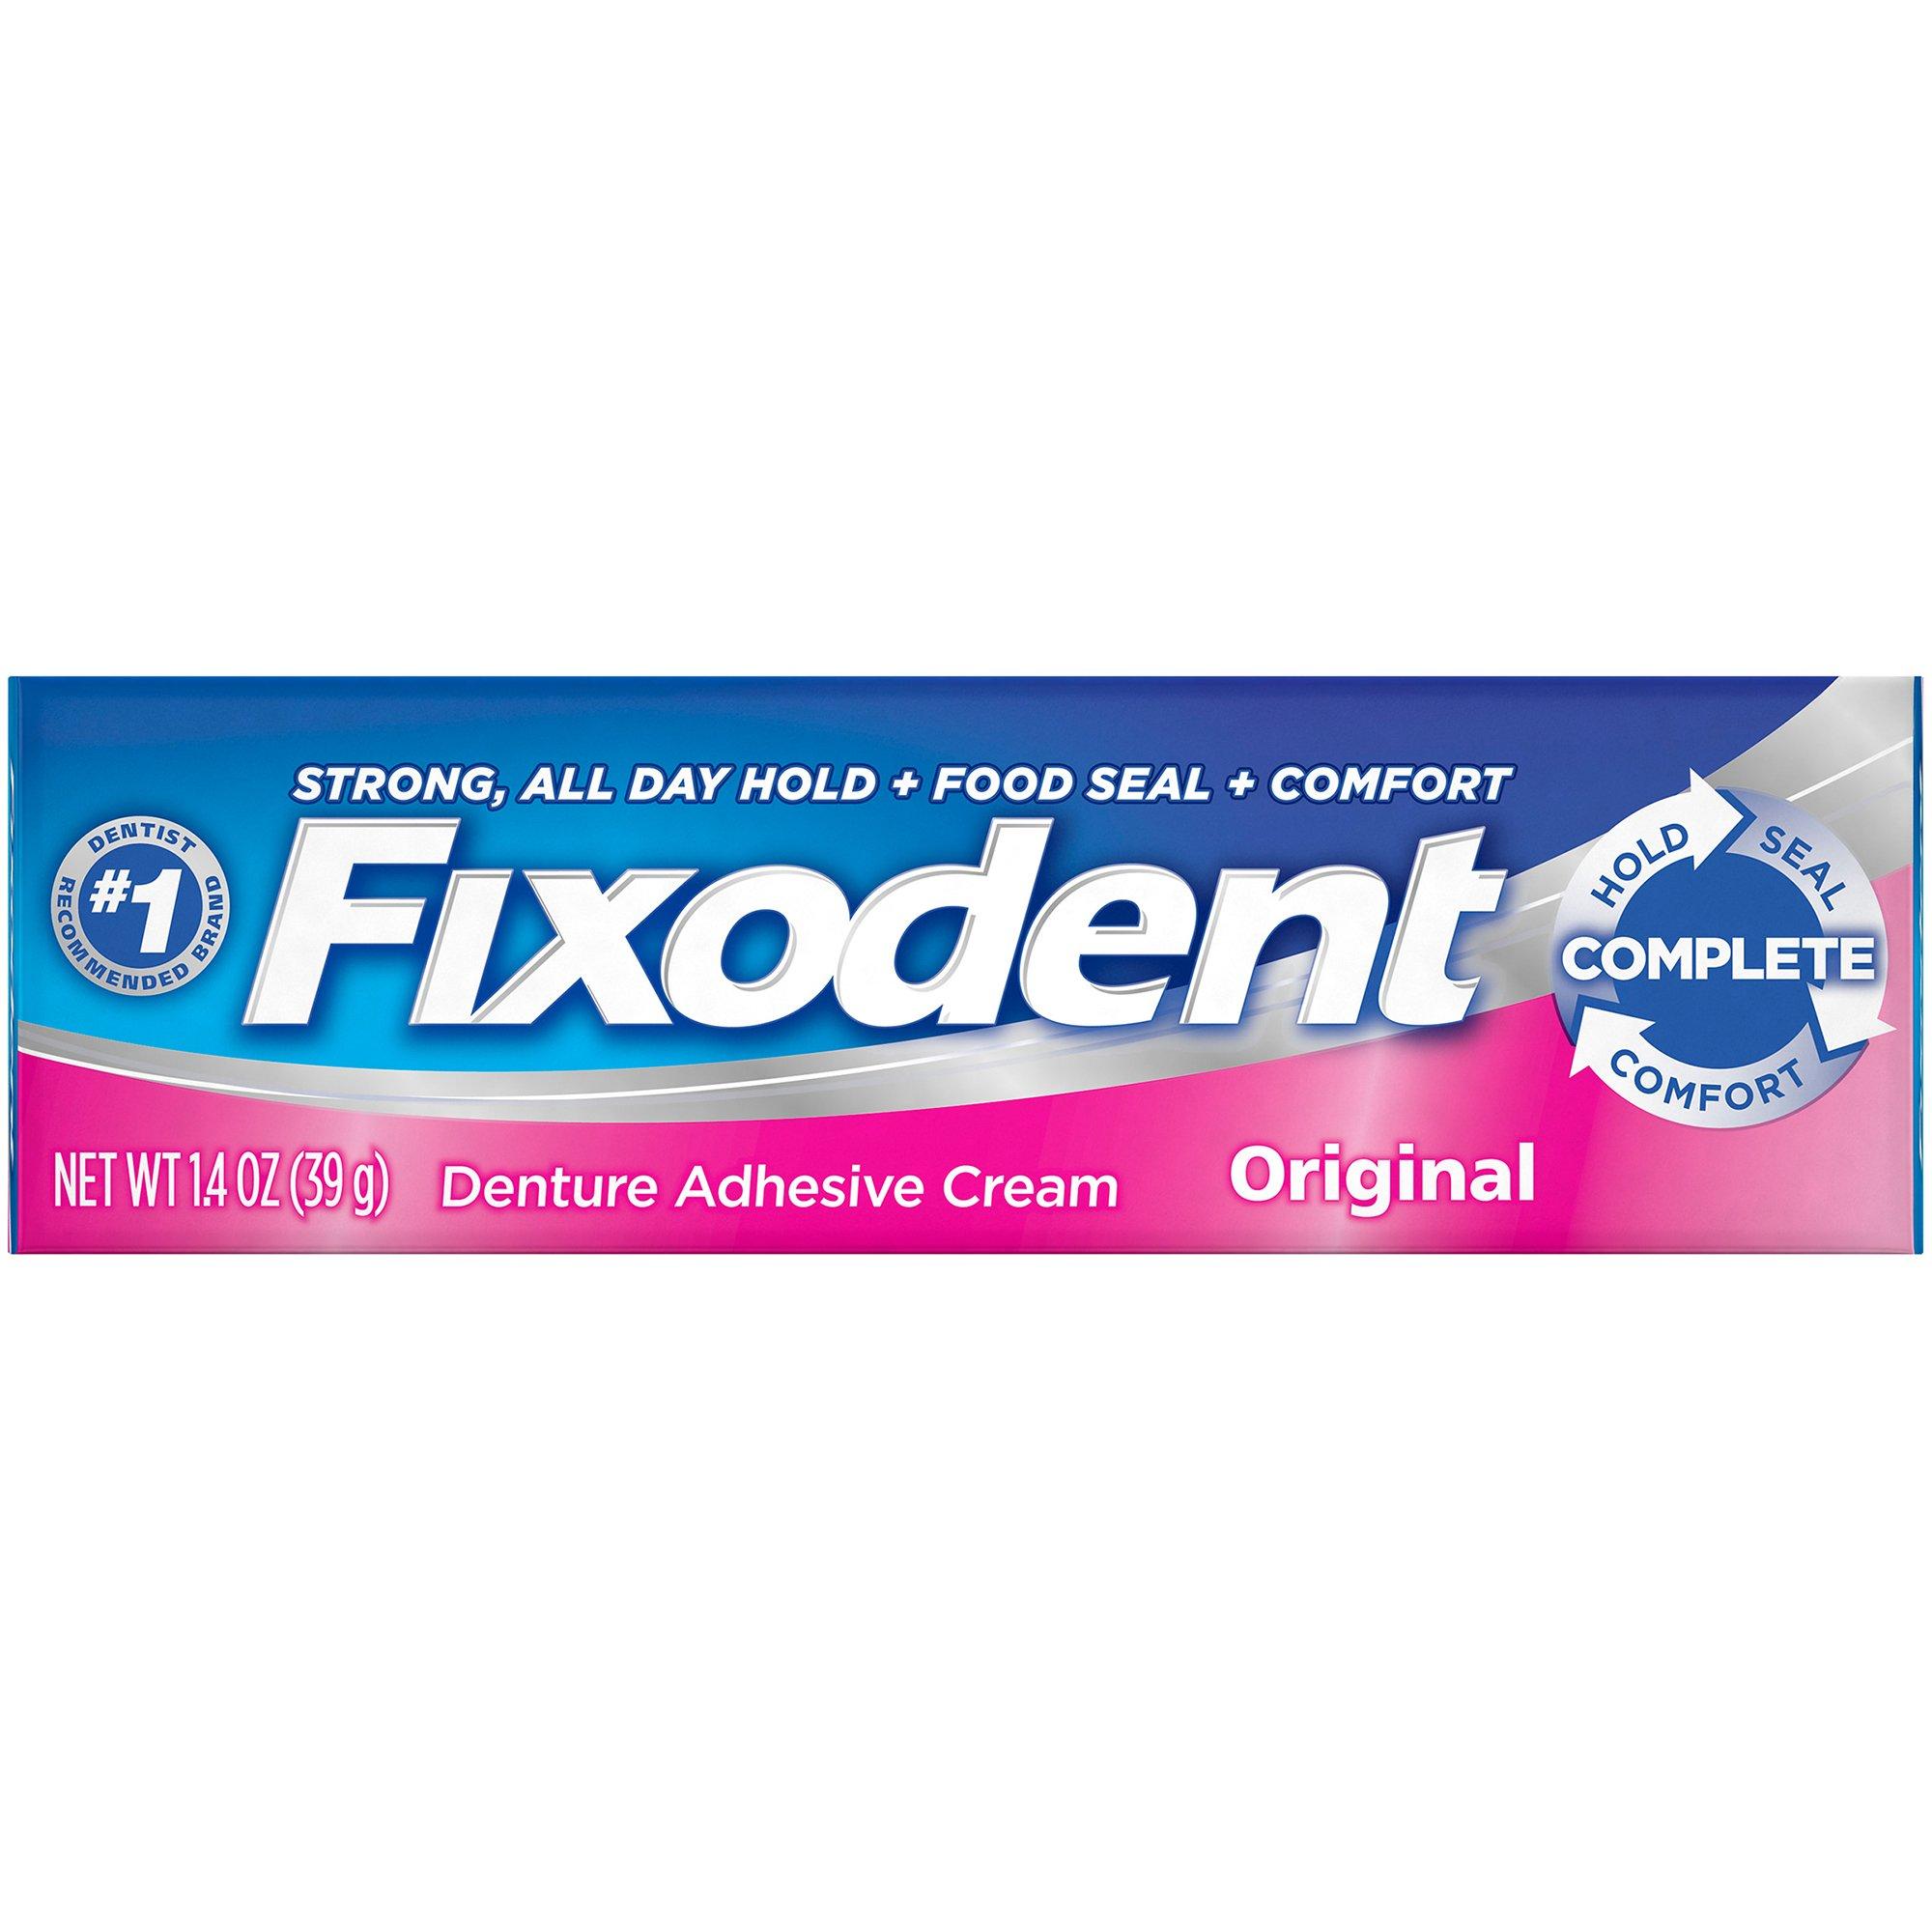 Fixodent Original Denture Adhesive Cream, 00076660300385, 1.4 oz. - 1 Each